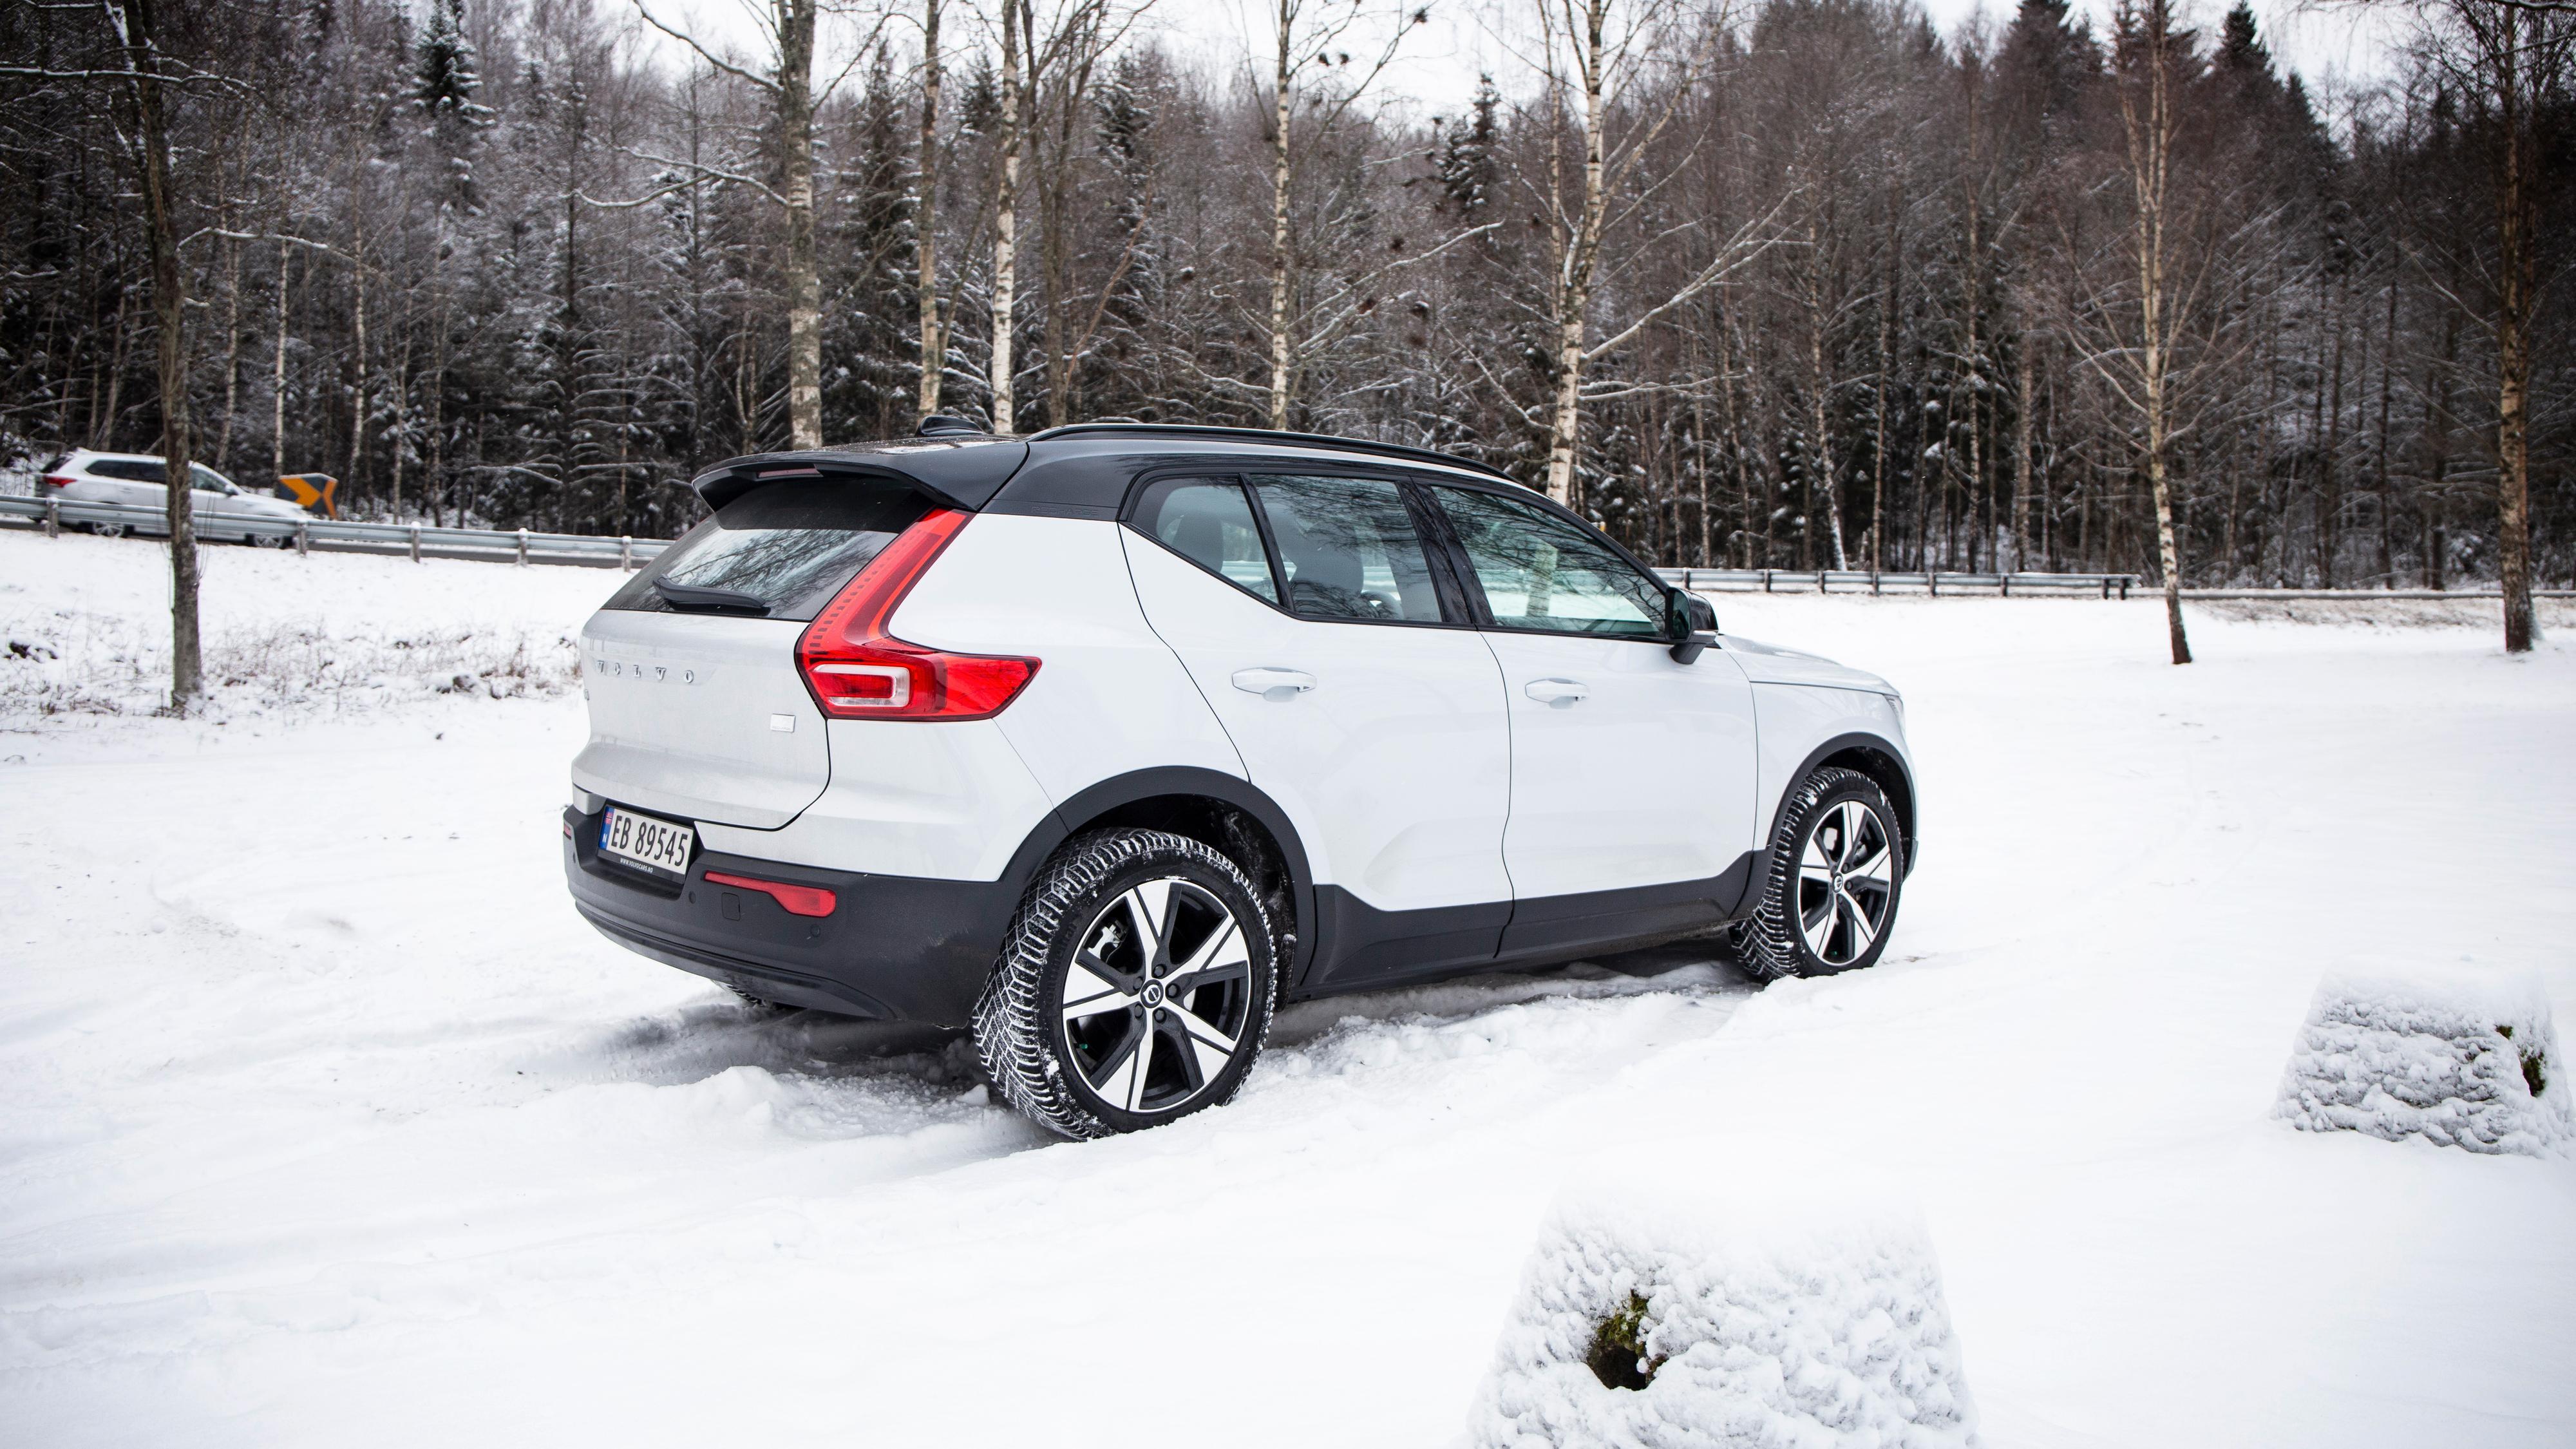 Volvo lanserer ny og rimeligere XC40-versjon med «bare» forhjulstrekk og med en mindre batteripakke. Prisen kuttes også betydelig.